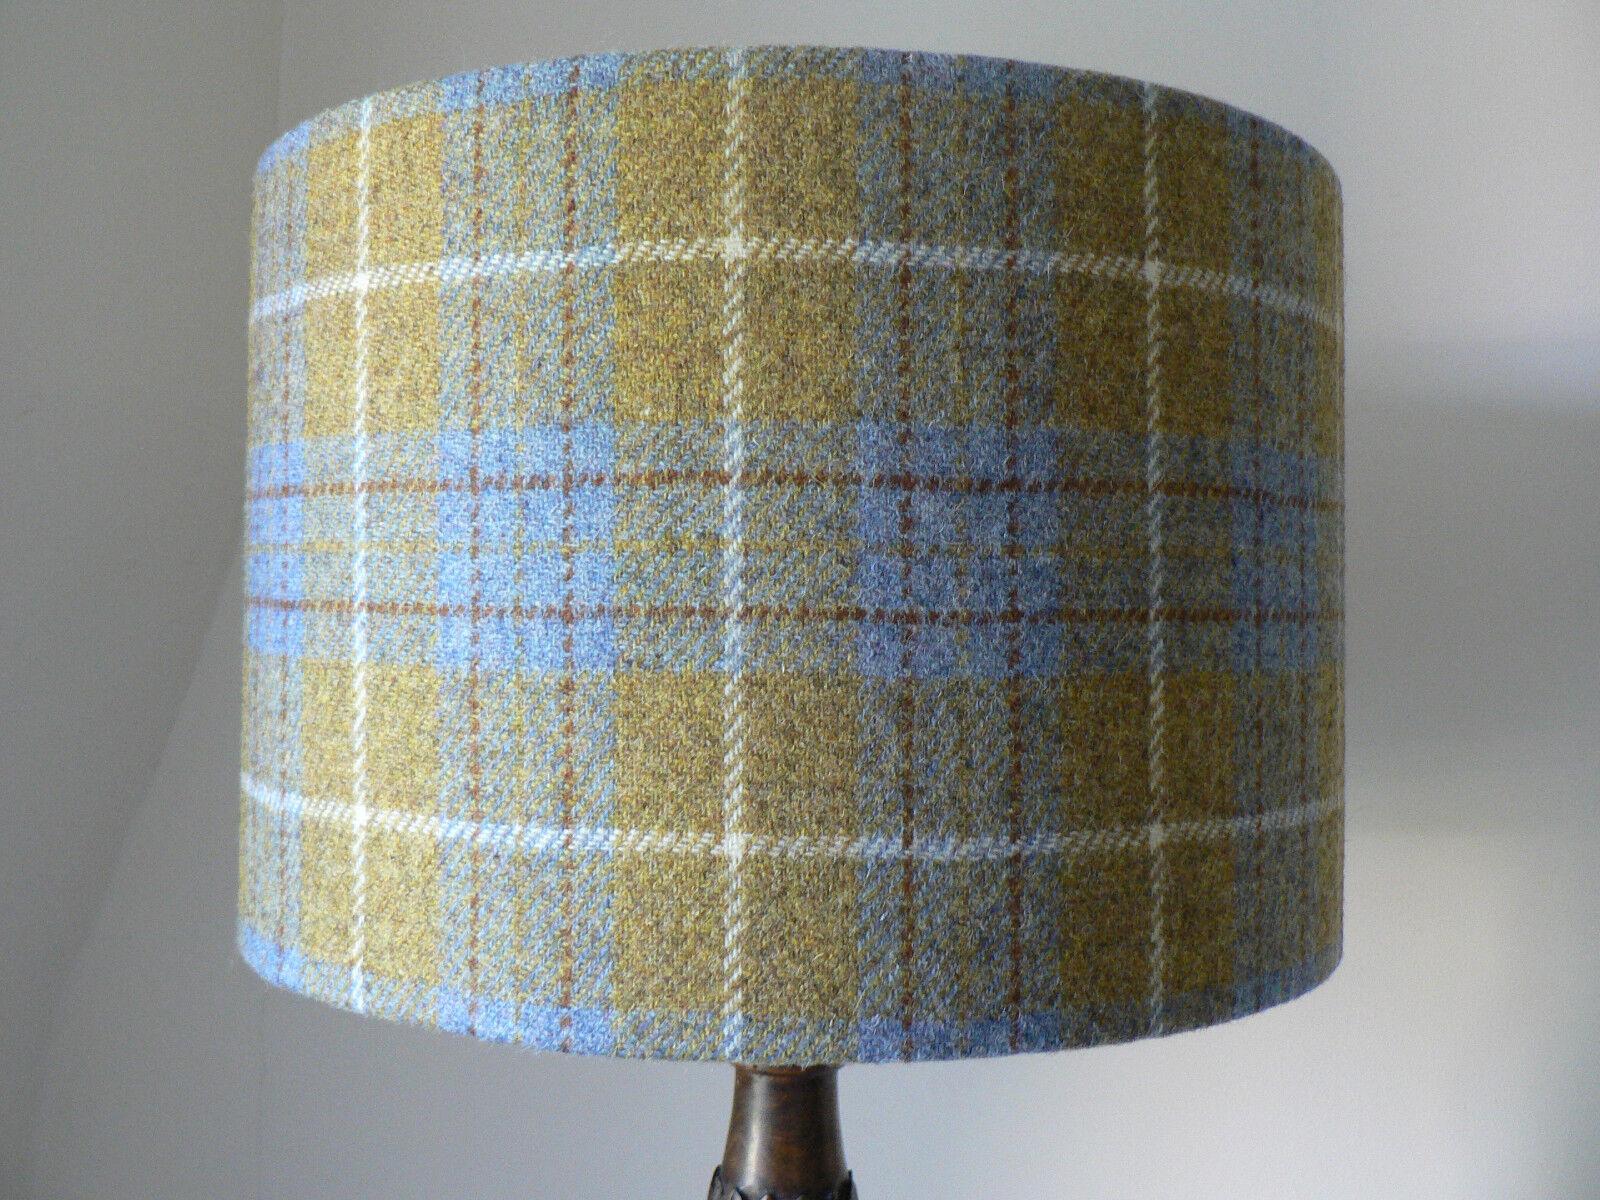 Handmade Harris Tweed Drum Lampshade - Mustard, Blau and Weiß Tartan